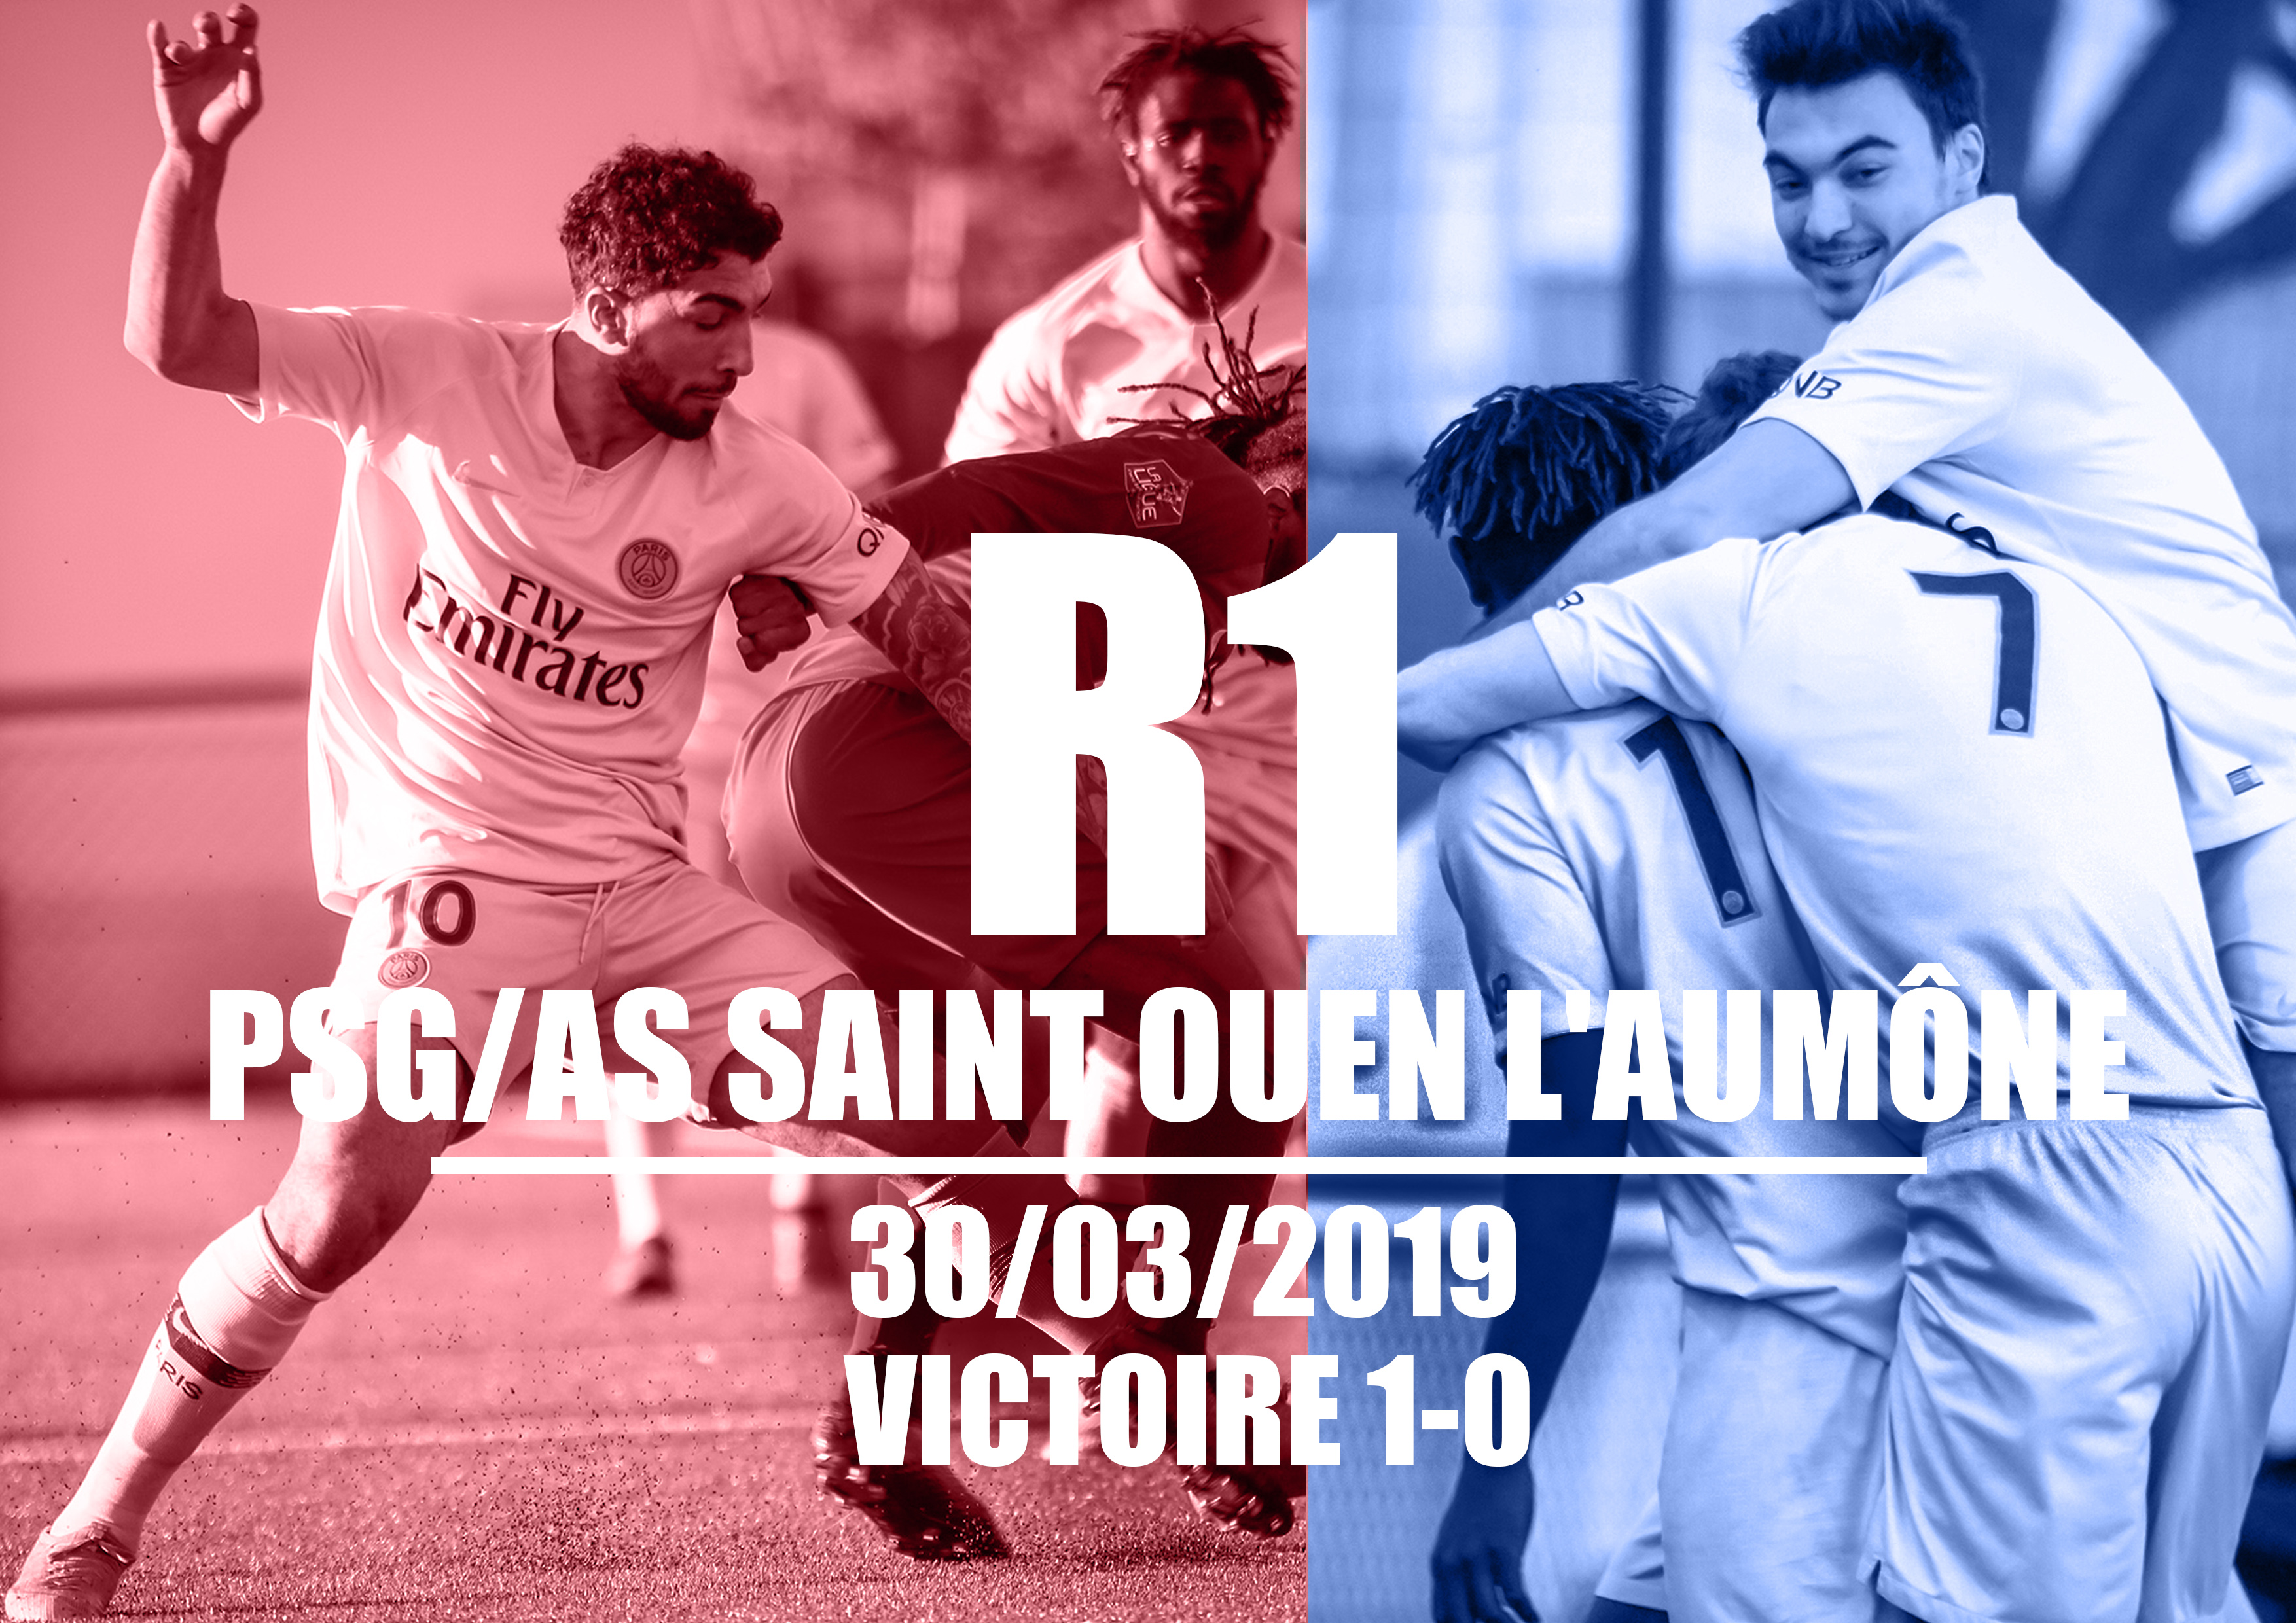 MATCH R1 (ASSO PSG) PSG- AS SAINT OUEN L'AUMÔNE (30/03/2019)